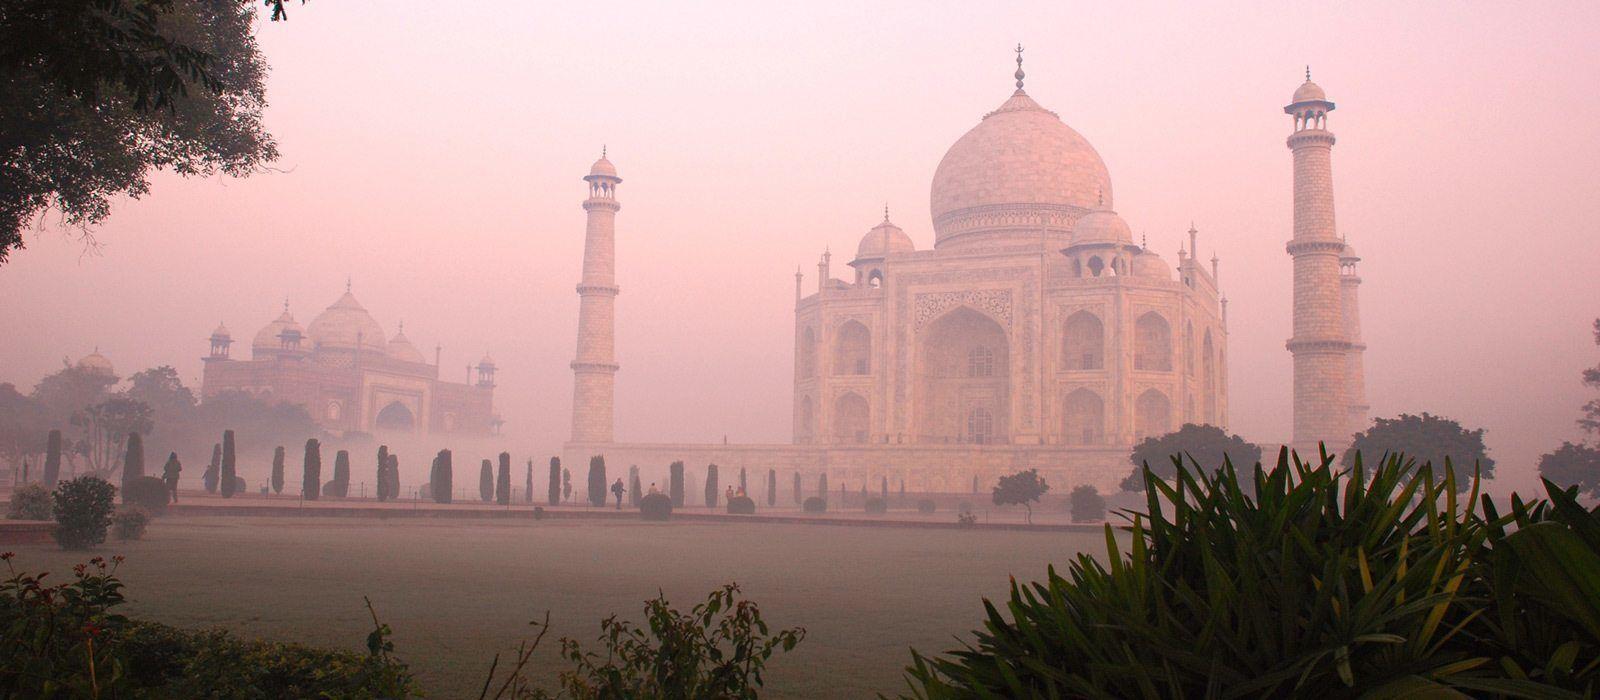 Indien & Malediven: Luxuriöse Honeymoon Reise Urlaub 3